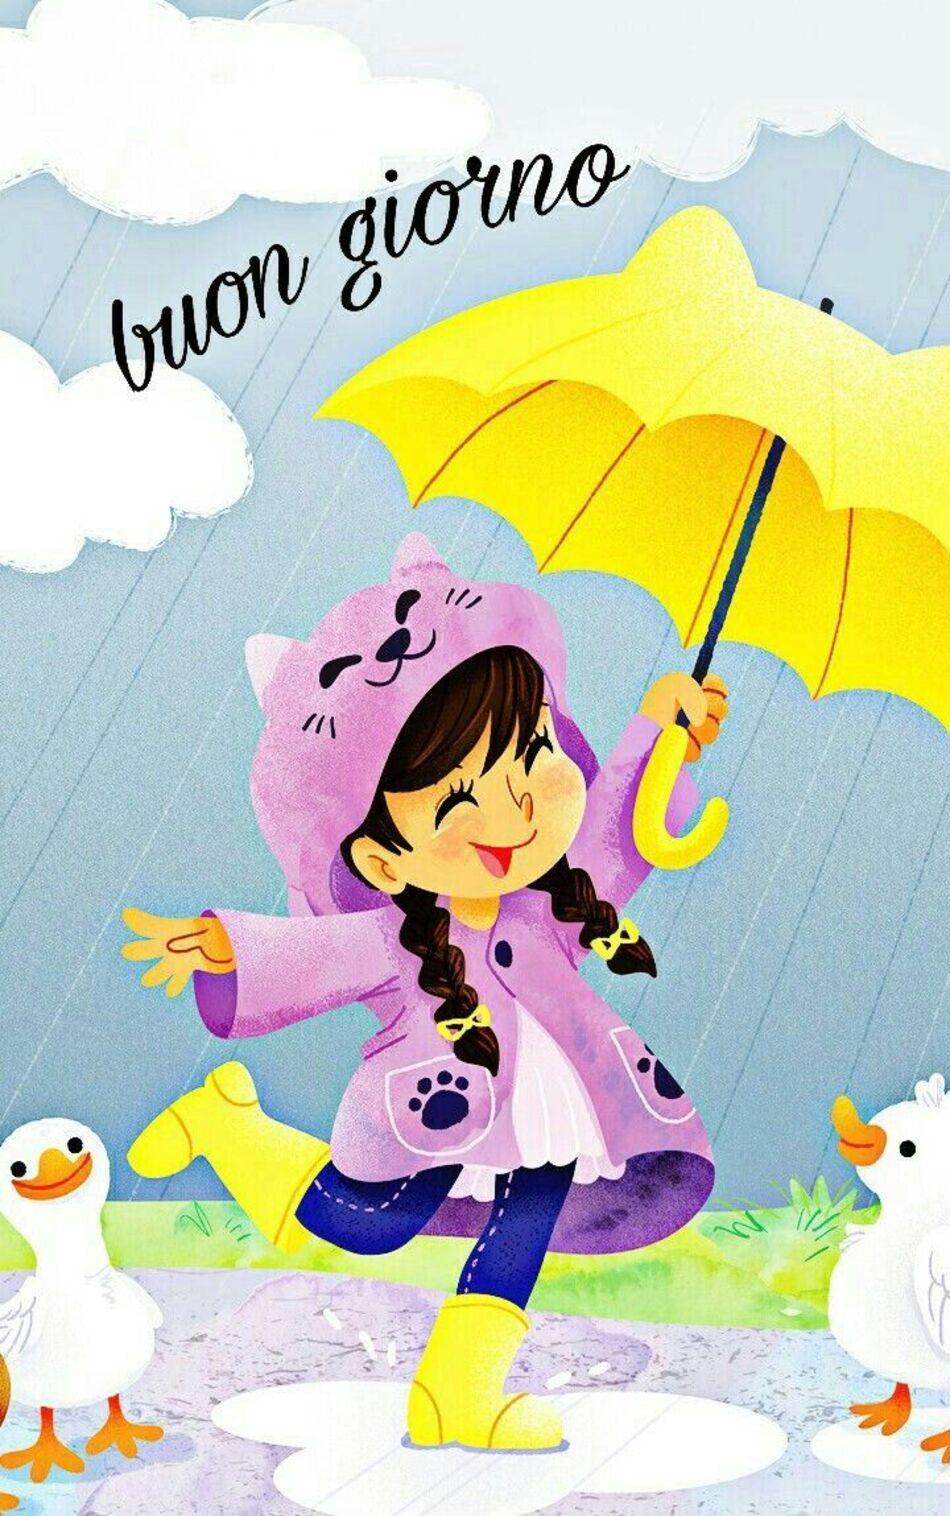 Frasi Di Buongiorno Con La Pioggia.87 Immagini Di Buongiorno Con La Pioggia Buongiorno Cloud